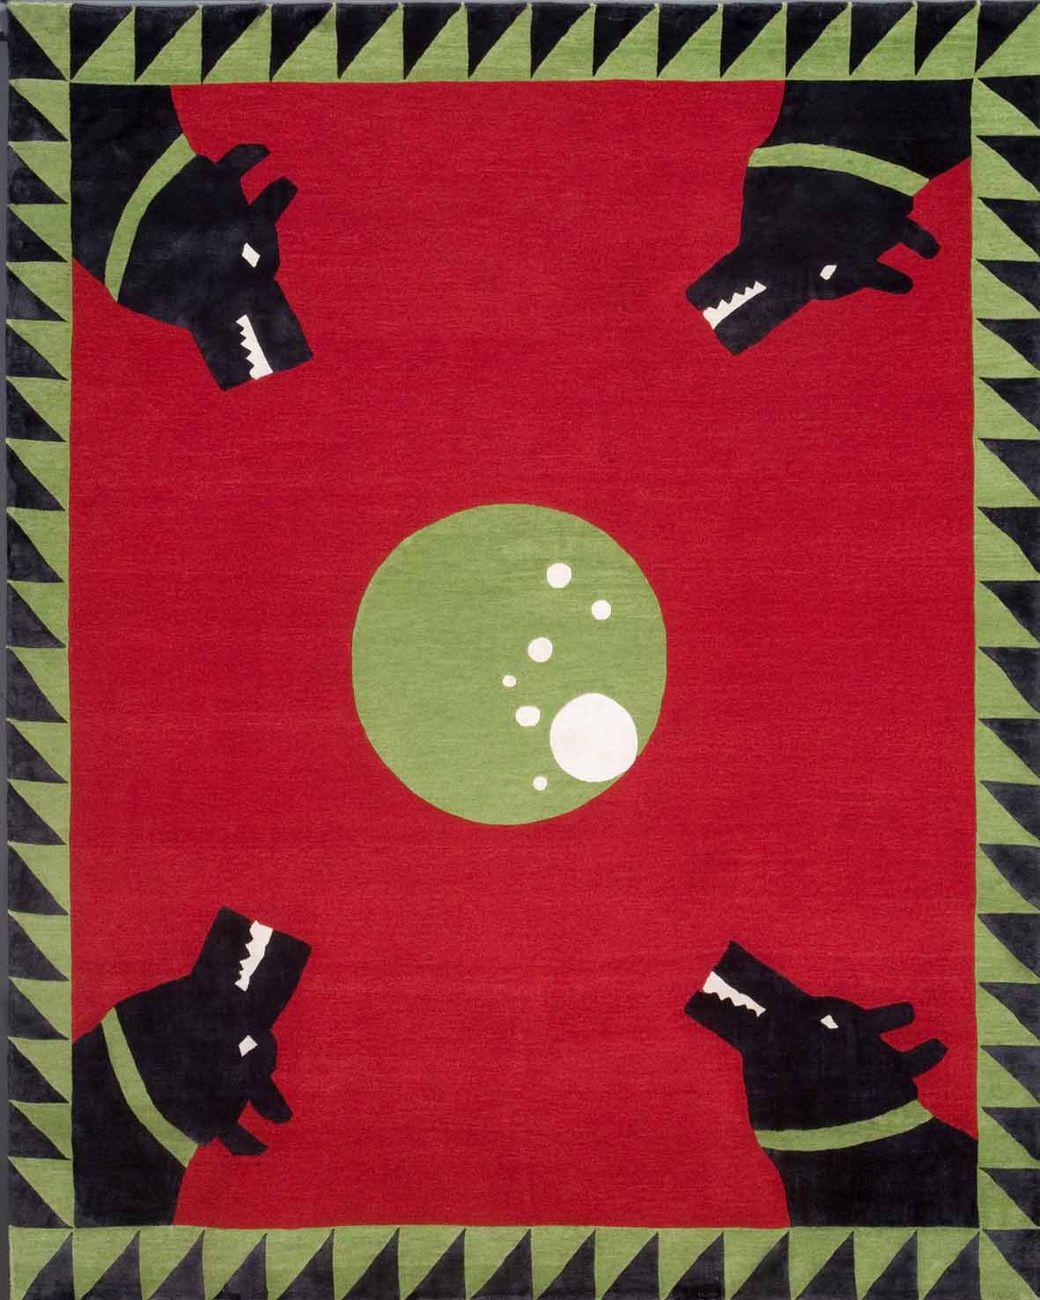 Angela de Nozza, Circle, cm 300 x 250. Tappeto annodato a mano con tecnica tibetana fatto realizzare dalla Galleria Boralevi di Firenze. Proprietà dell'artista